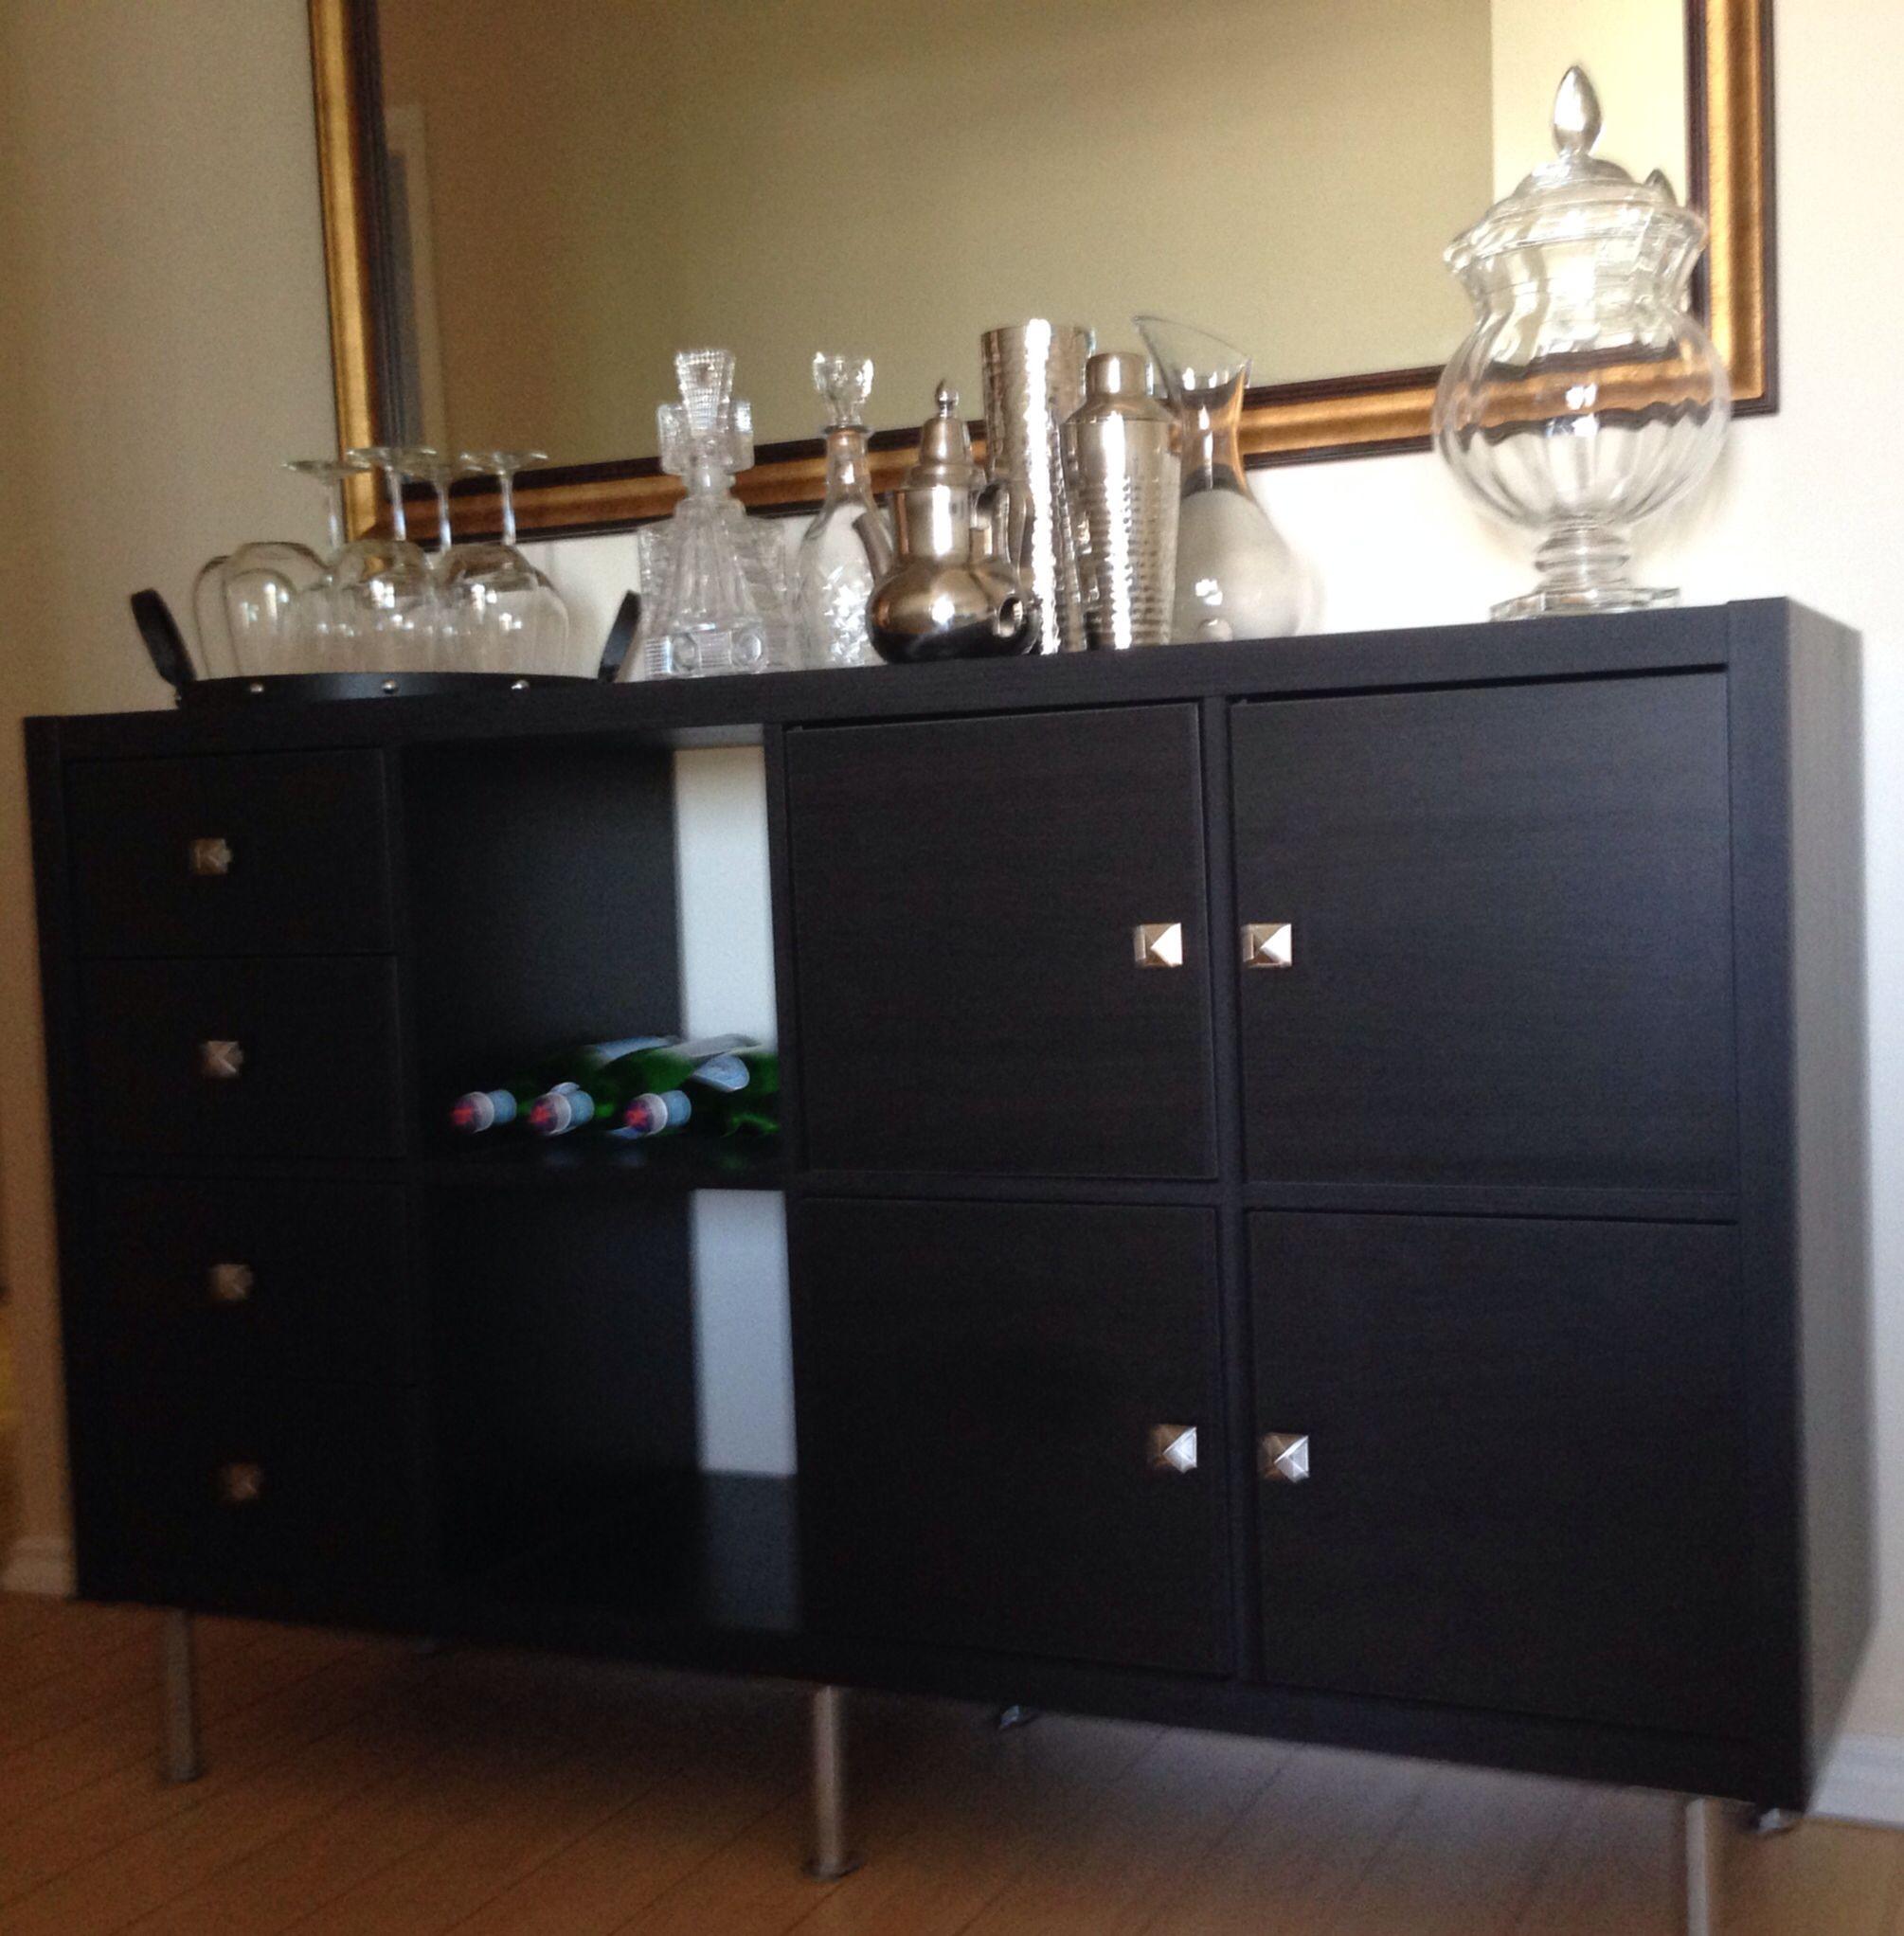 ikea kallax hack b r i l l i a n c e pinterest. Black Bedroom Furniture Sets. Home Design Ideas